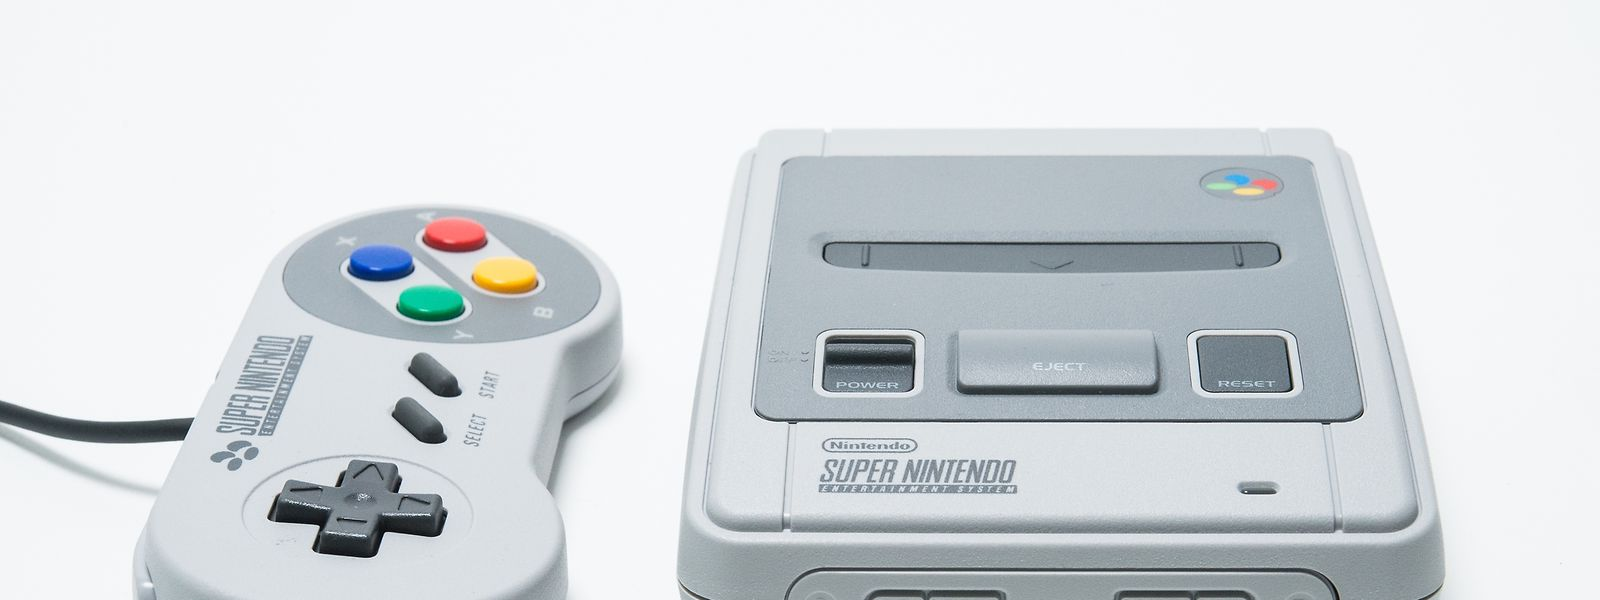 Hinter der Klappe an der Vorderseite des Super Nintendo Classic Mini stecken die Anschlüsse für die Controller, der Steckplatz für die Spielmodule ist nur Verzierung.